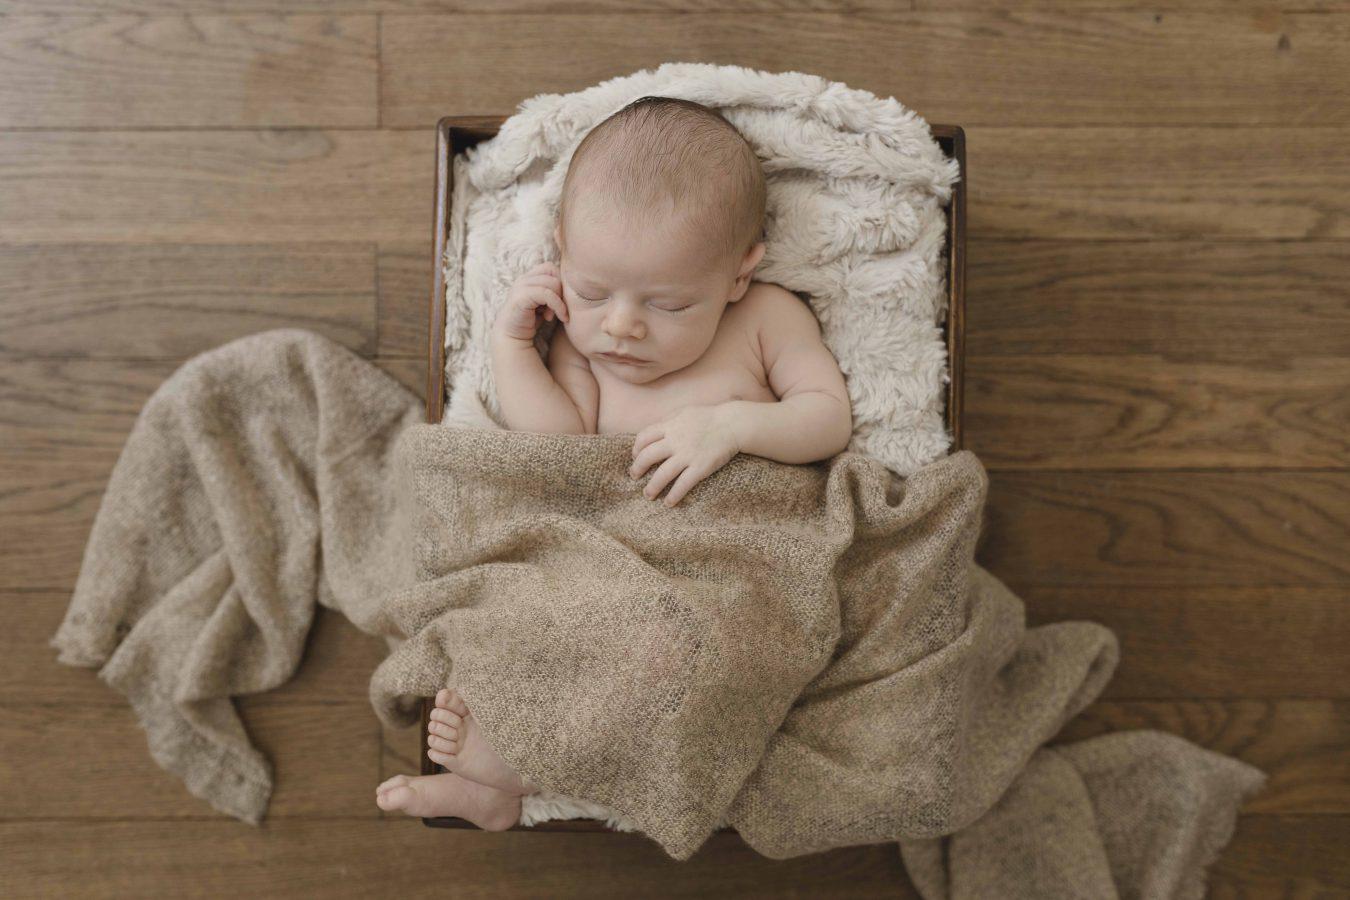 Babyfoto - kleiner Junge schläft auf einer kuscheligen Decke